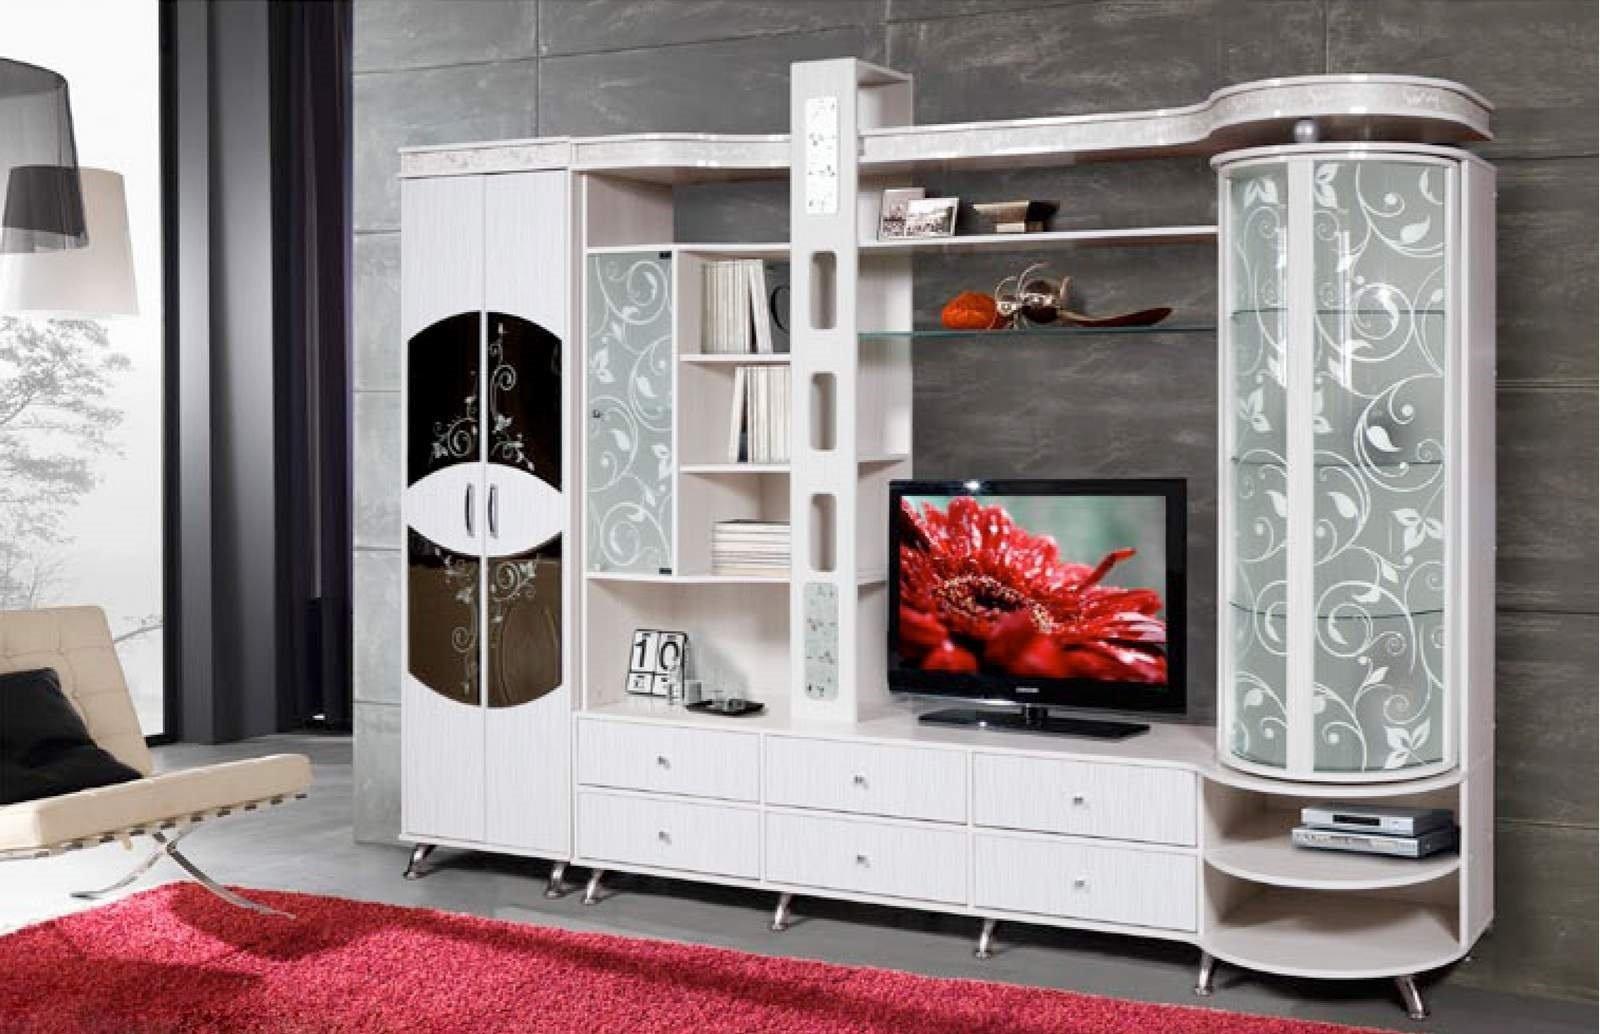 теме: мебель пенза от производителя недорогих загородных домов